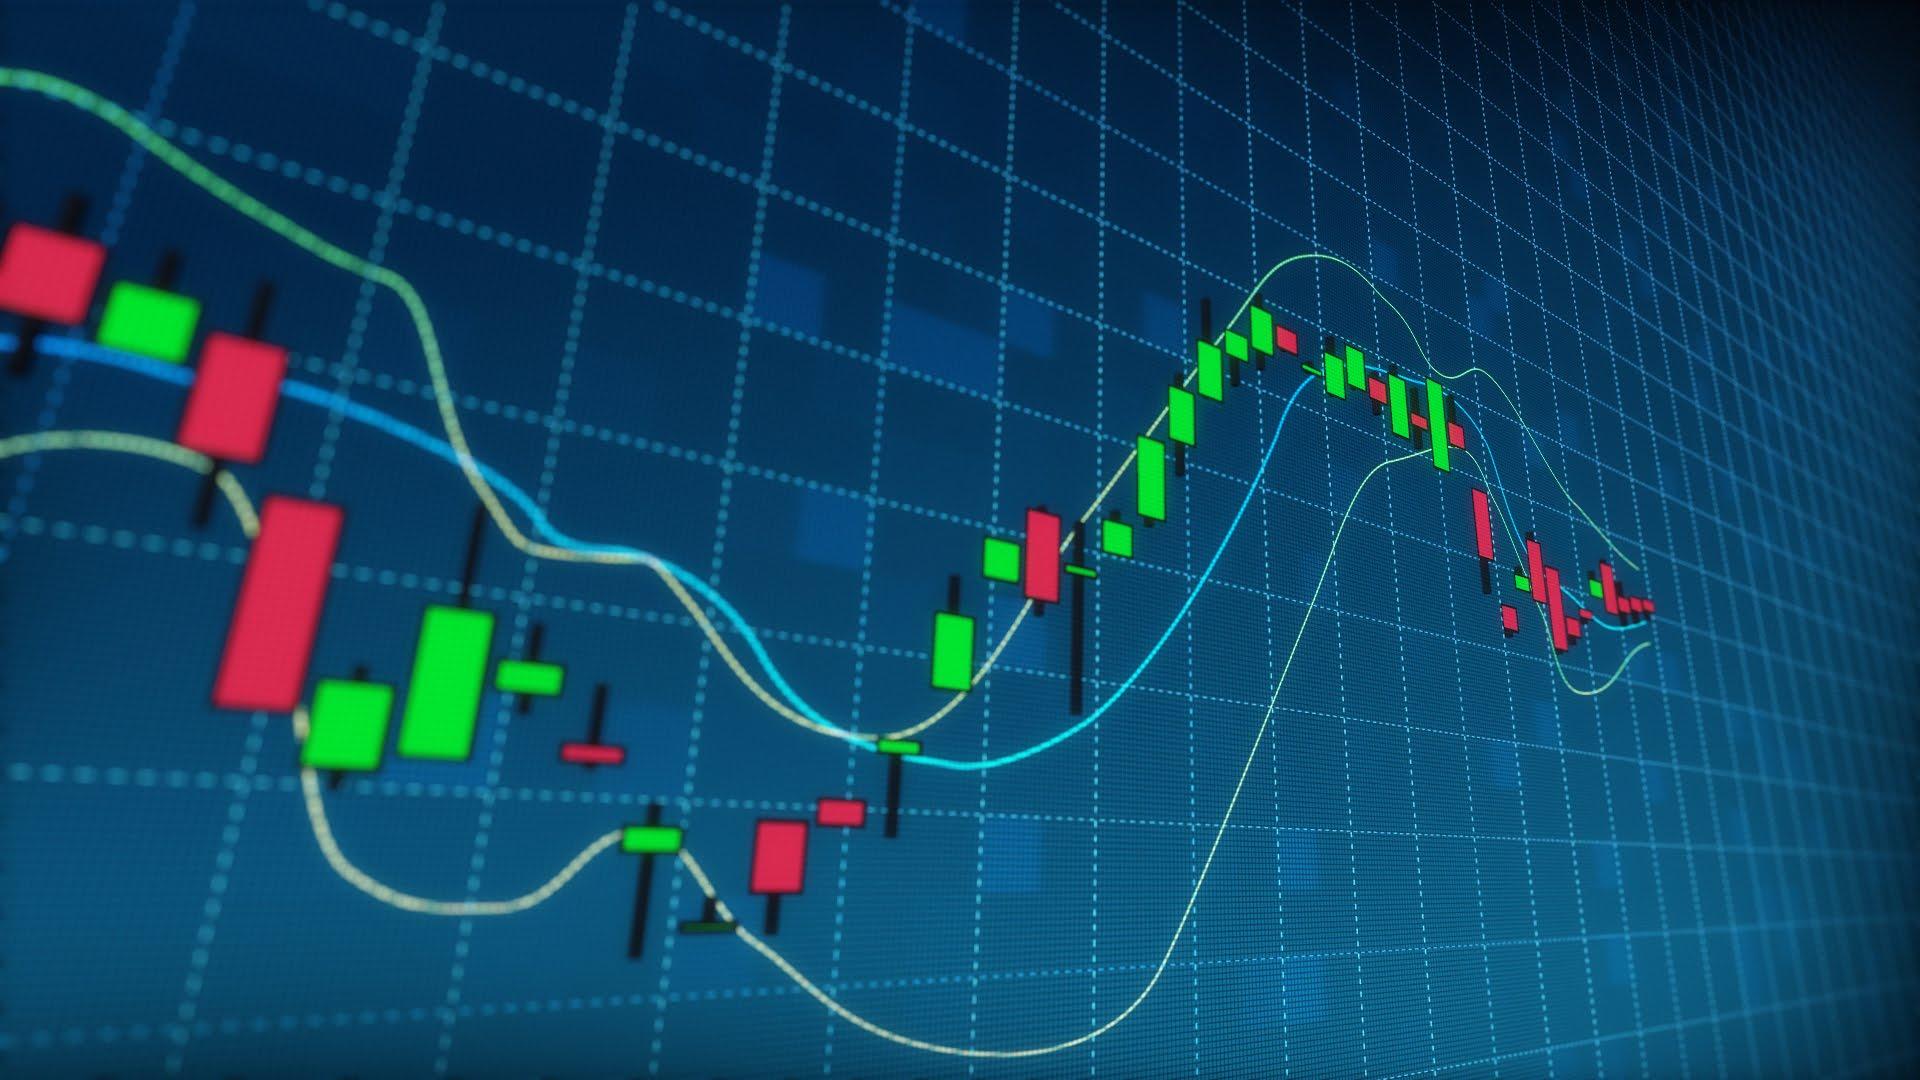 インデックス投資型トークン 仮想通貨